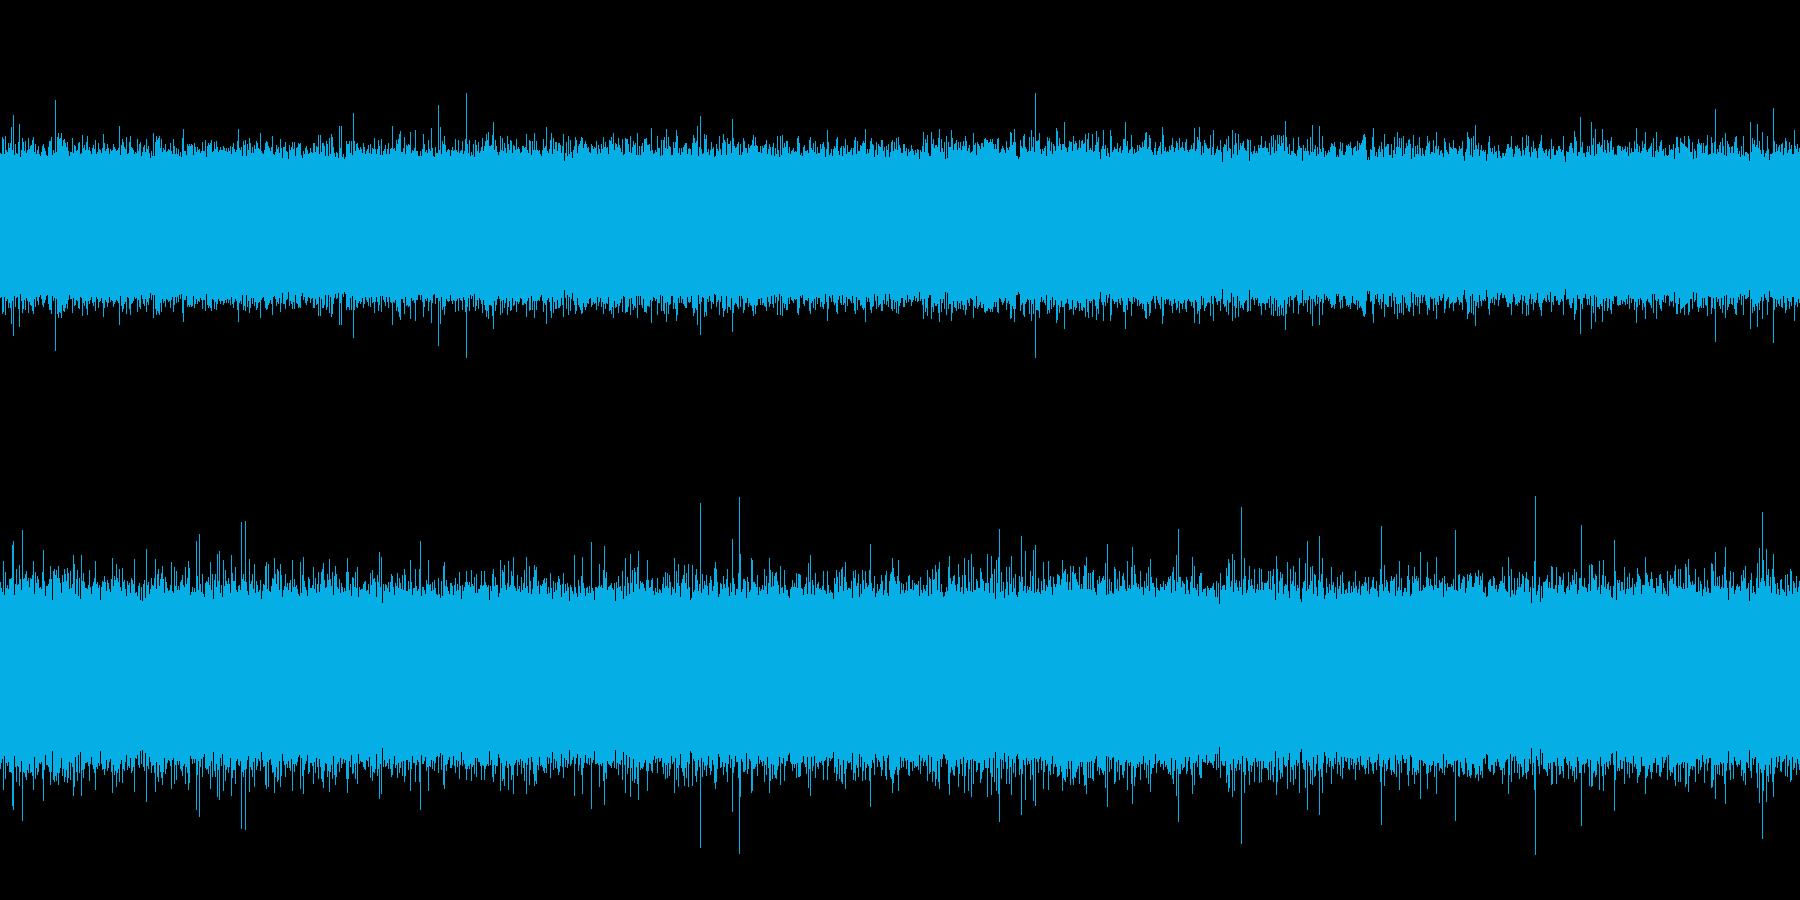 排水路と川の中間くらいの水の音 ループの再生済みの波形